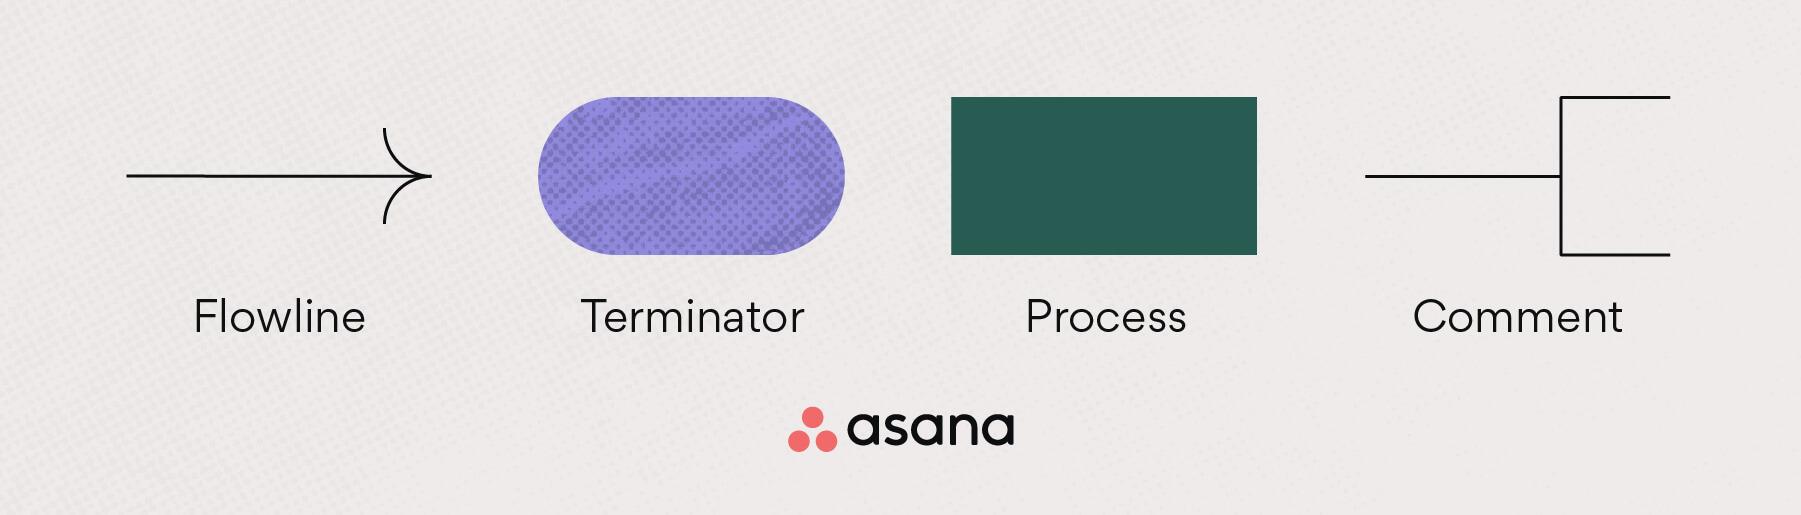 Flowchart symbols: flowline, terminator, process + comment